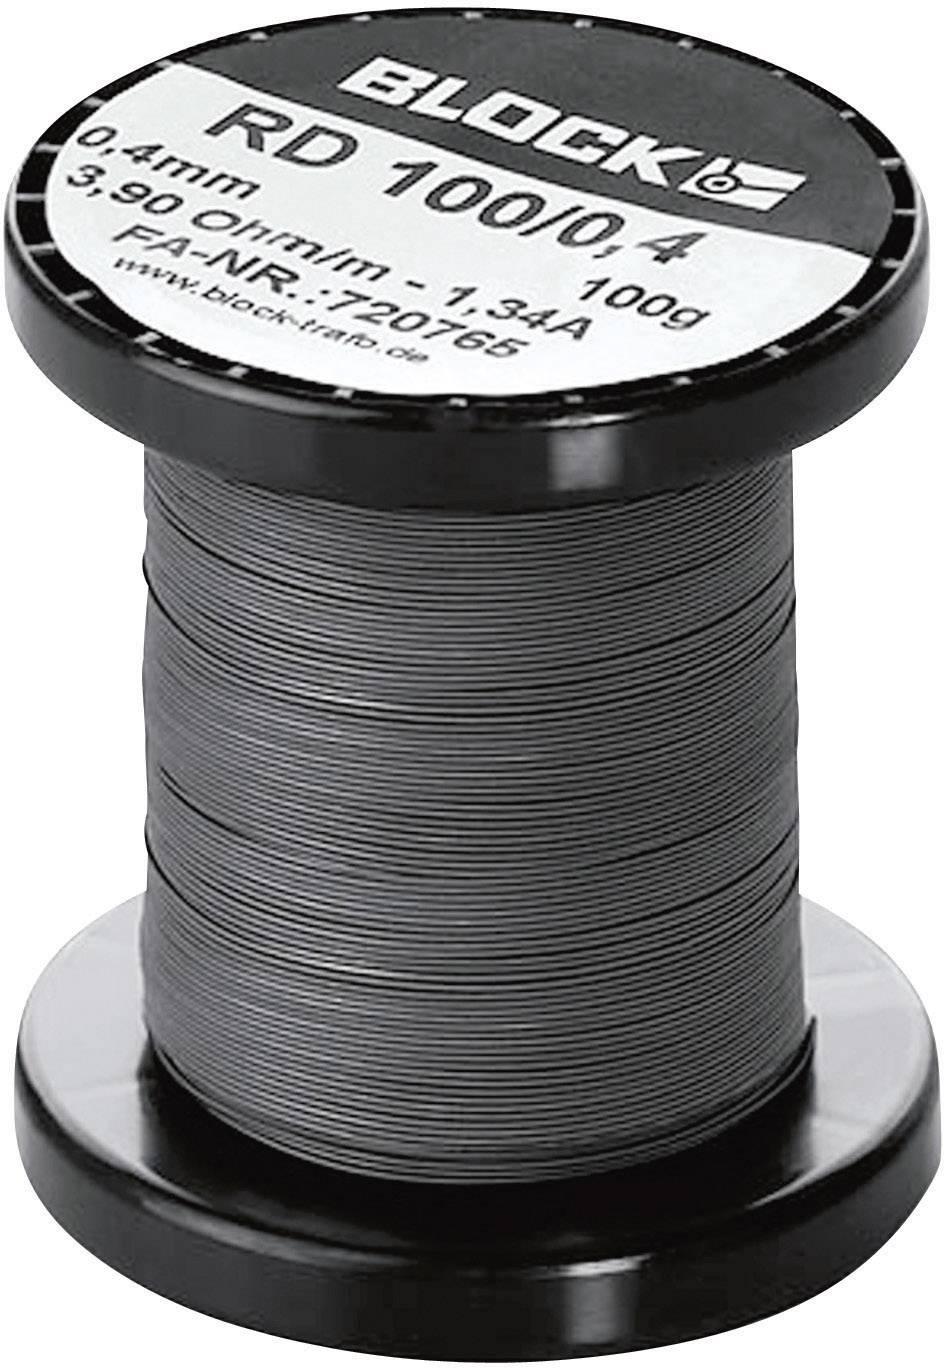 Odporový drôt Block RD 100/1,2, 0.433 Ω/m, 9.9 m